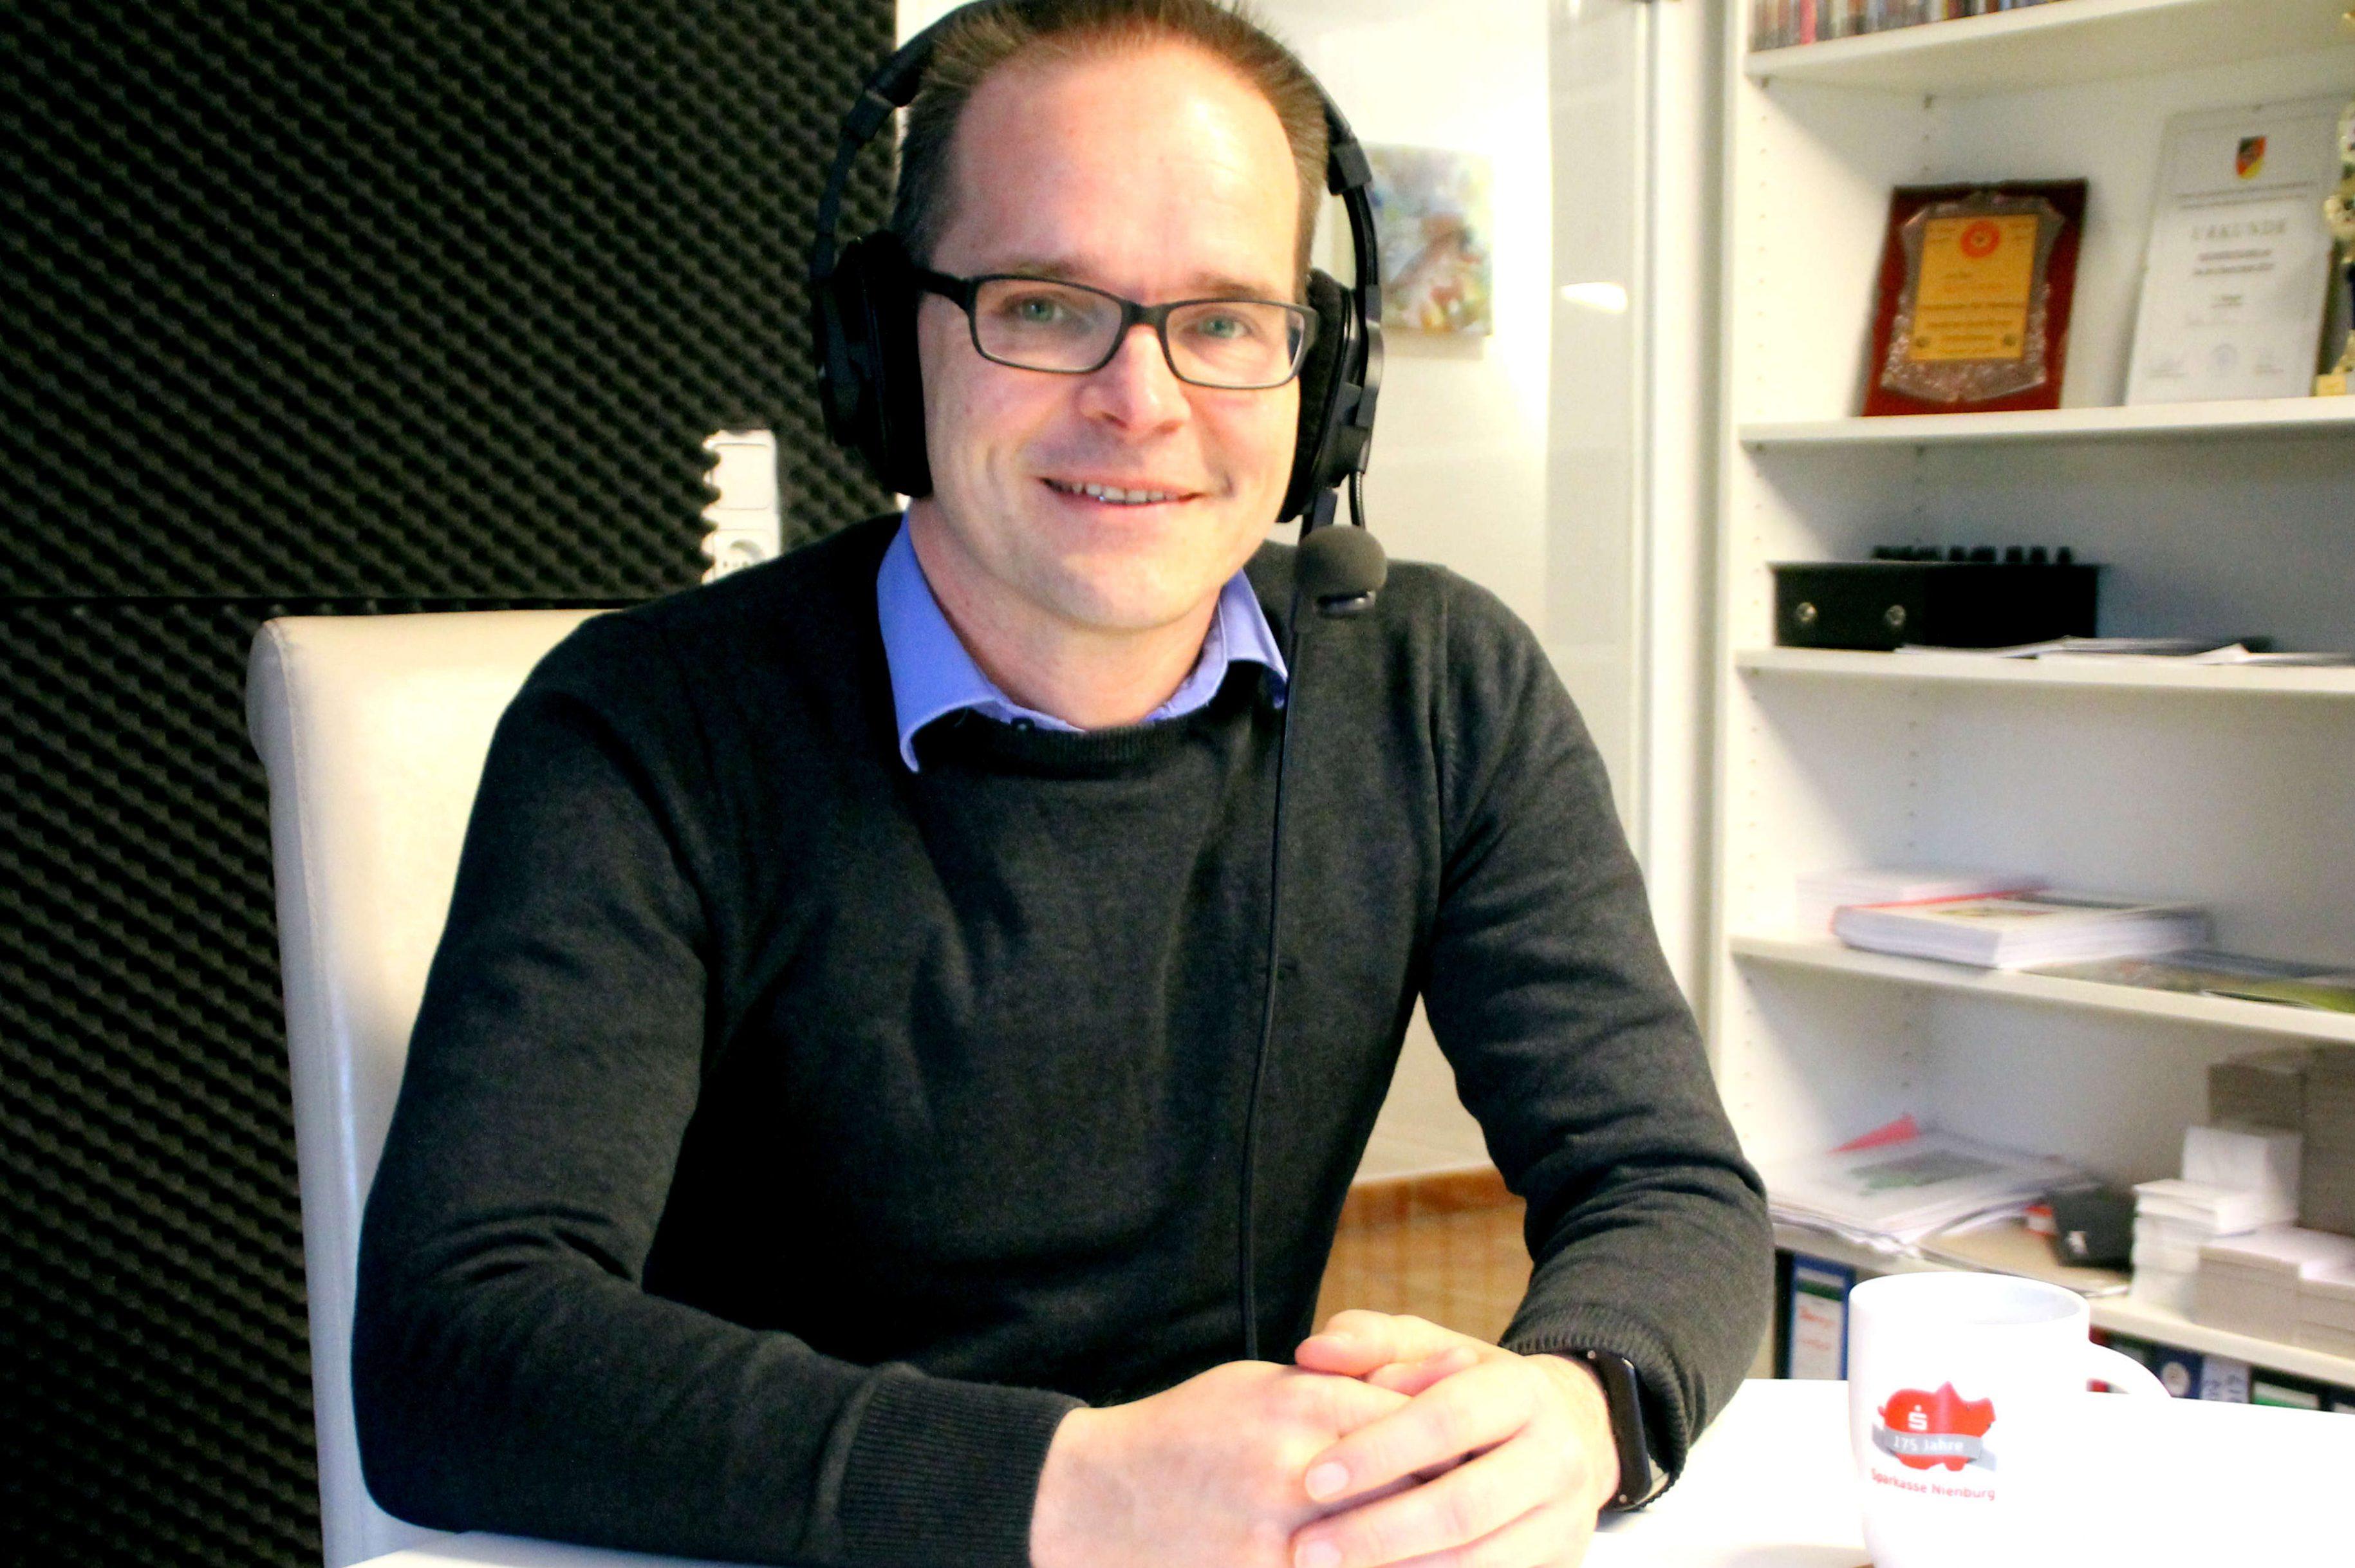 Kultusminister Niedersachsen Grant Hendrik Tonne zur Kinderbildung in Nienburg